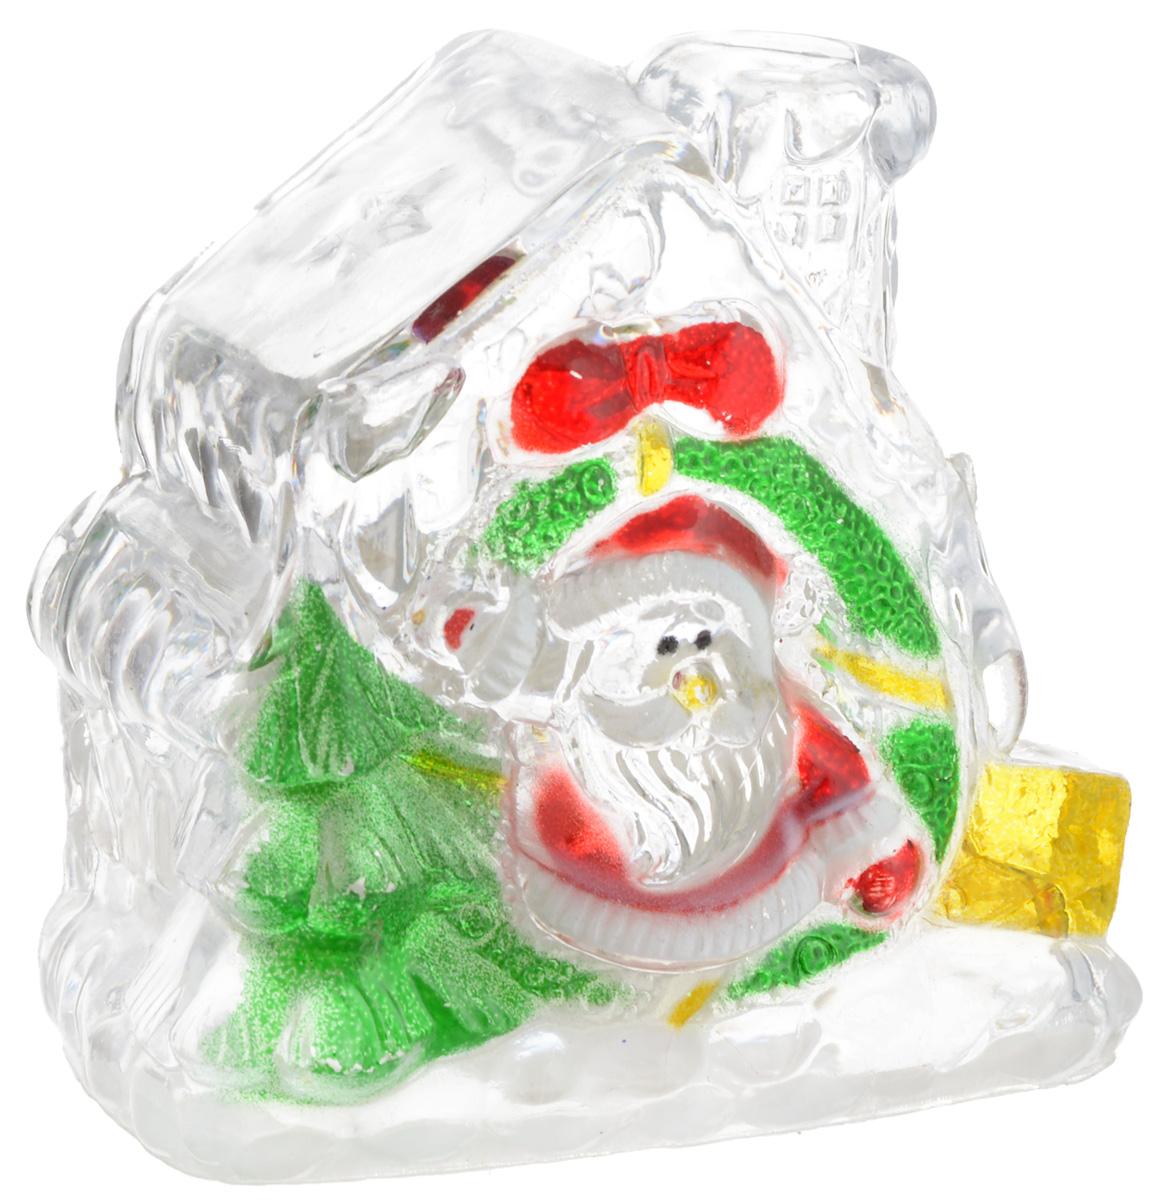 """Фигурка декоративная """"B&H"""" изготовлена из акрила в виде прозрачного домика. Изделие снабжено светодиодом, который меняет цвет и горит в разных режимах. Тумблер включения расположен на дне фигурки.  Создайте в своем доме атмосферу веселья и радости, украшая его к Новому году. Откройте для себя удивительный мир сказок и грез. Почувствуйте волшебные минуты ожидания праздника, создайте новогоднее настроение вашим родным и близким.  Изделие работает от 3 батареек типа LR1130 (входят в комплект)."""